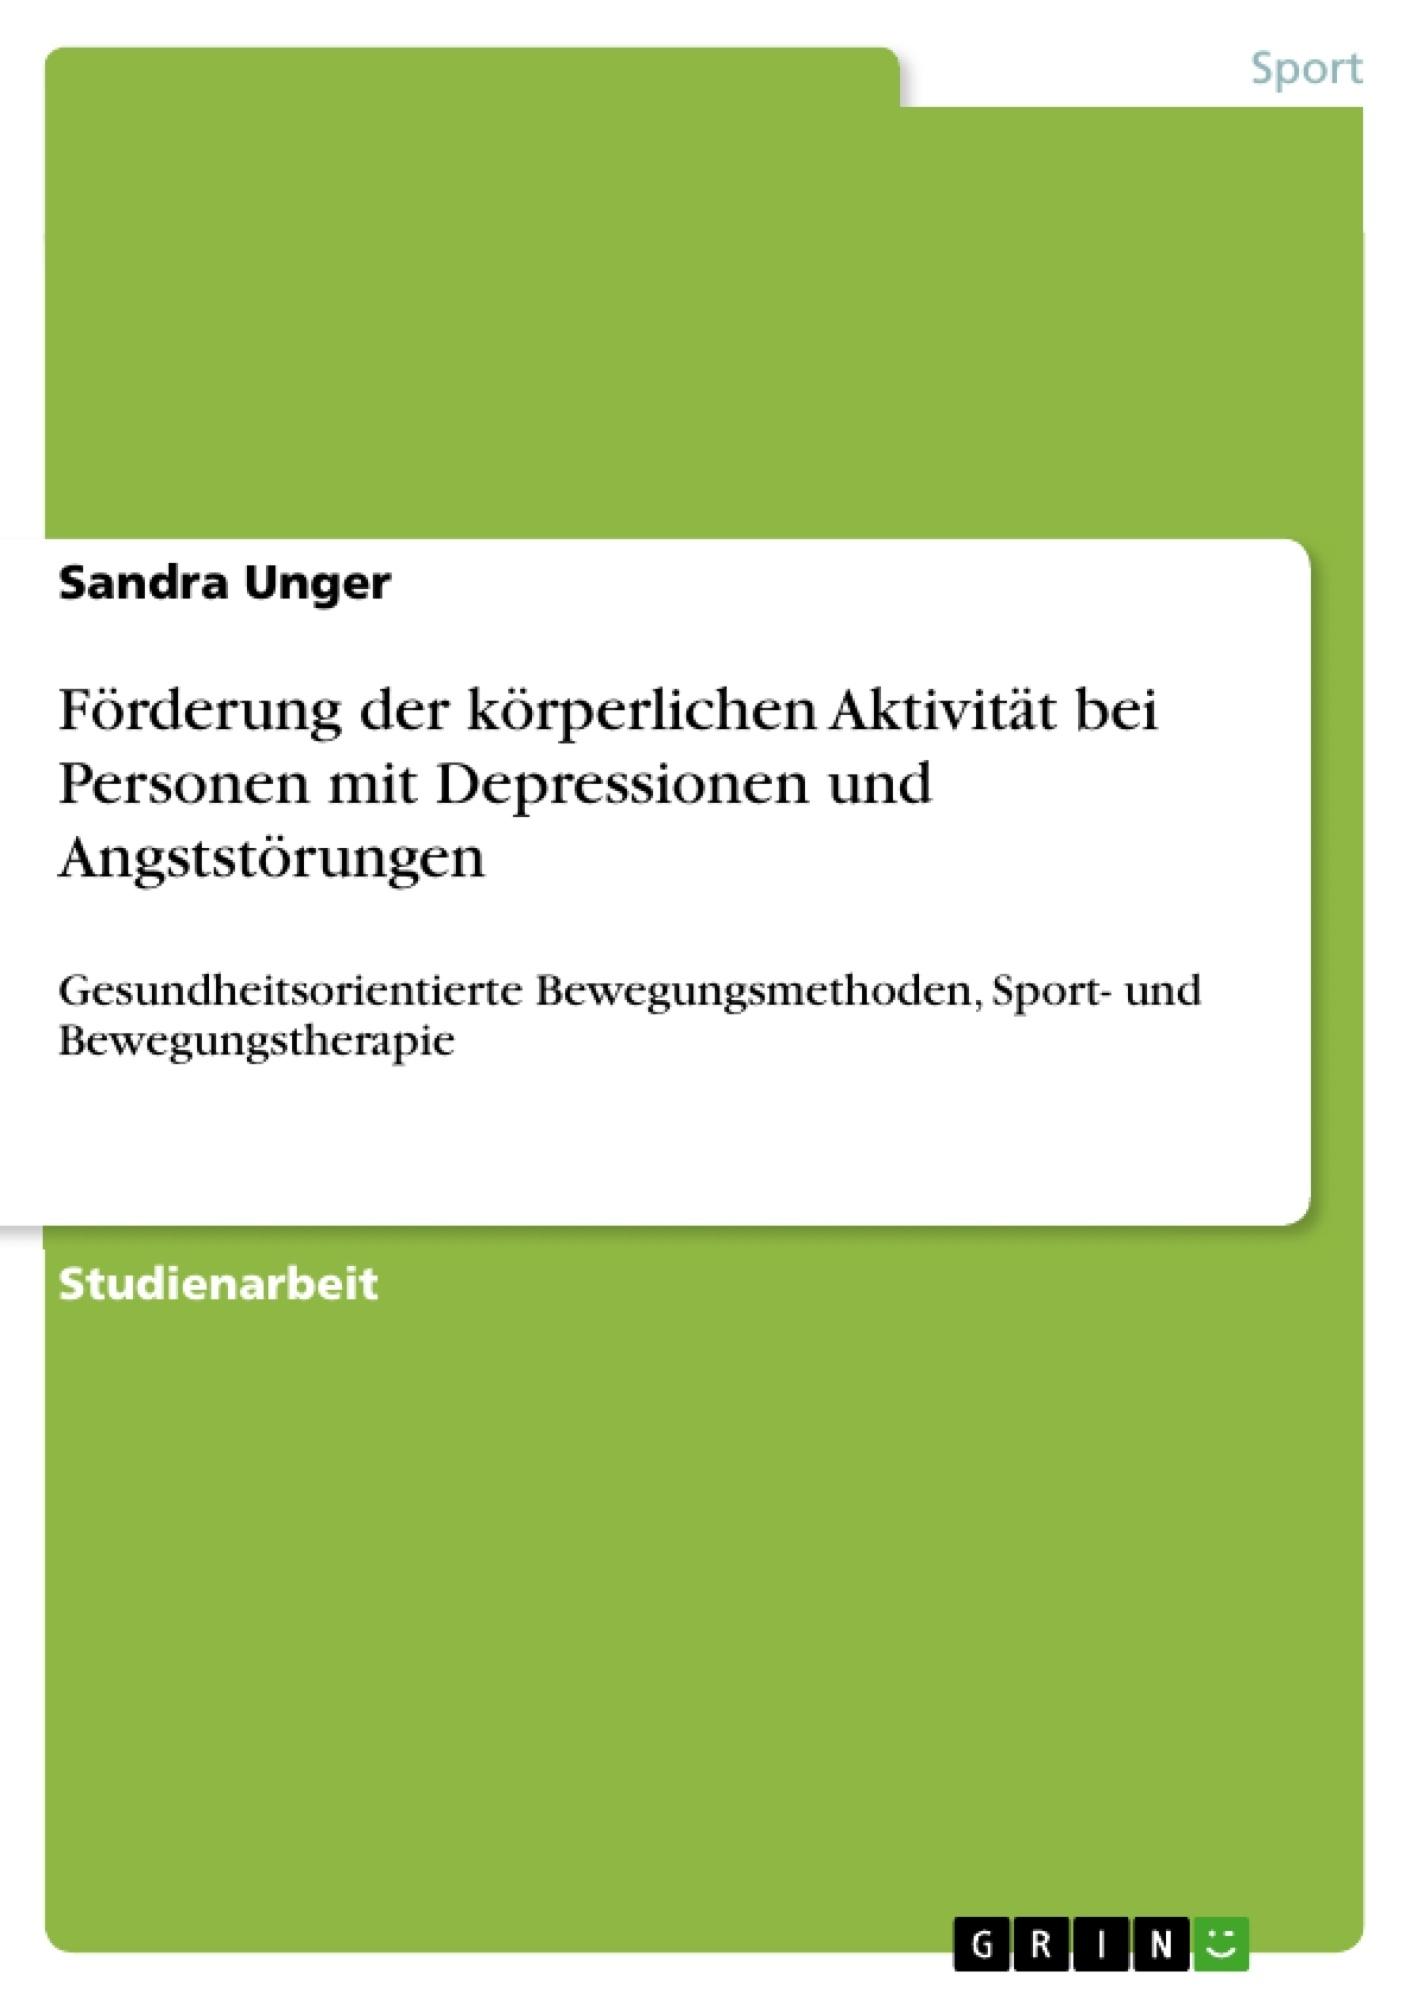 Titel: Förderung der körperlichen Aktivität bei Personen mit Depressionen und Angststörungen